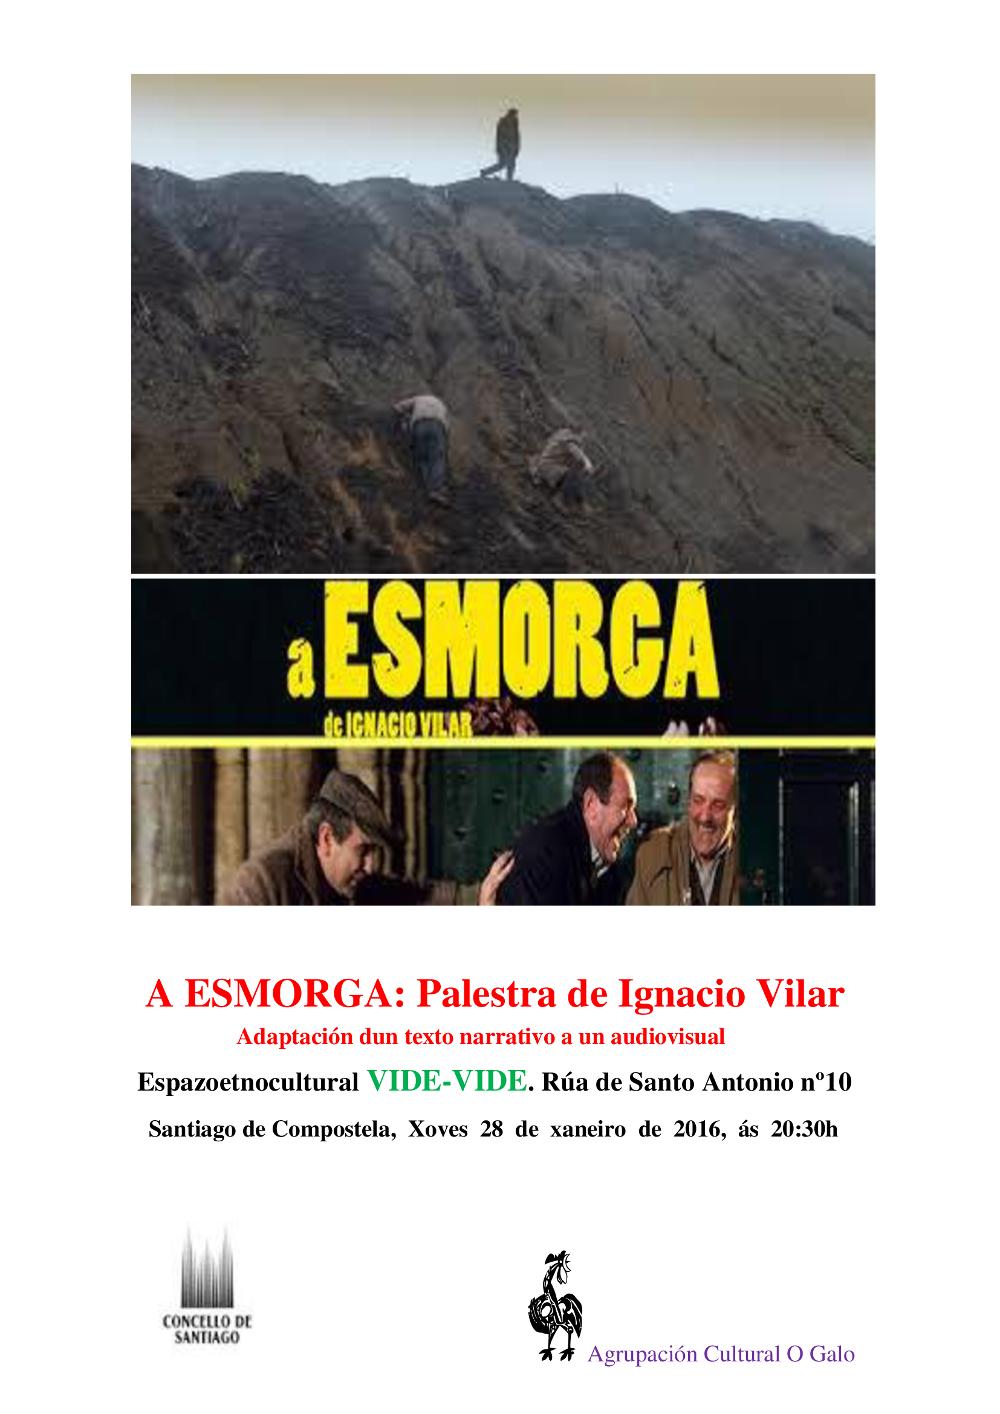 A_Esmorga